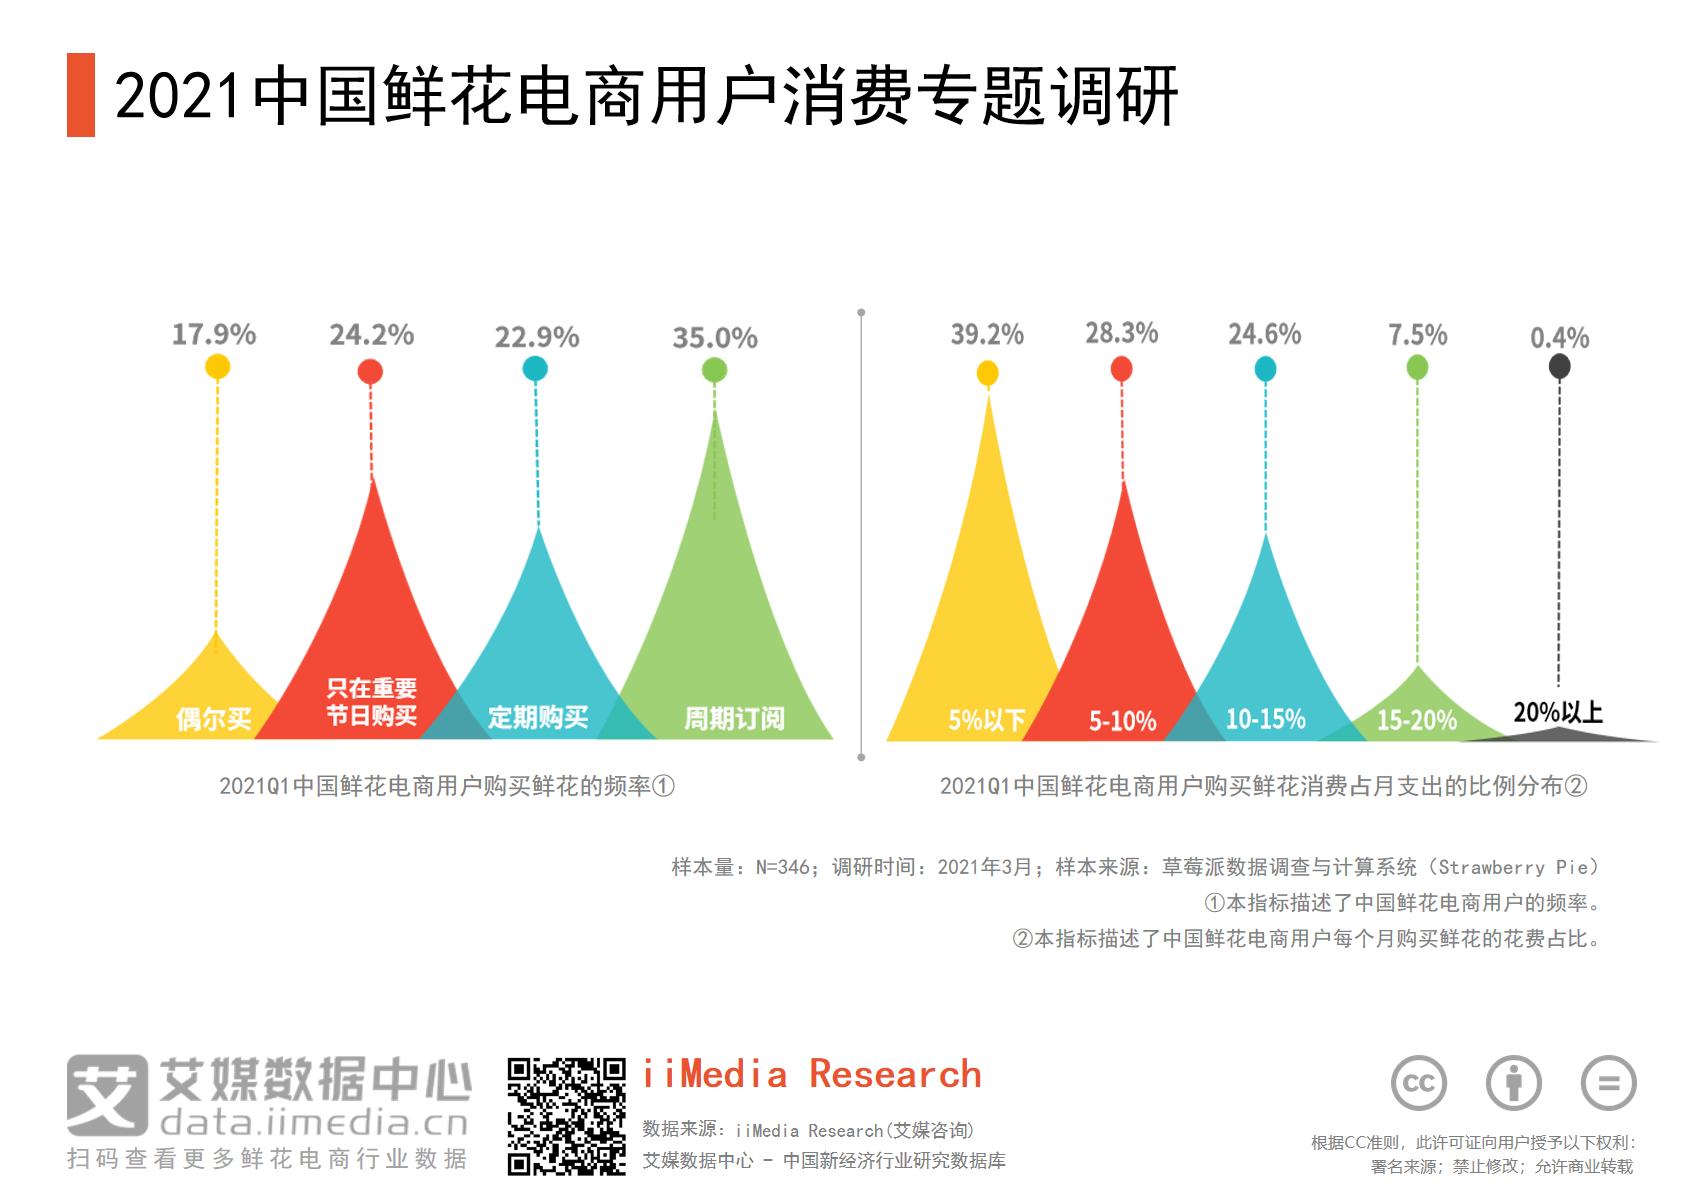 2021中国24.2%鲜花电商用户只在重要节日购买鲜花